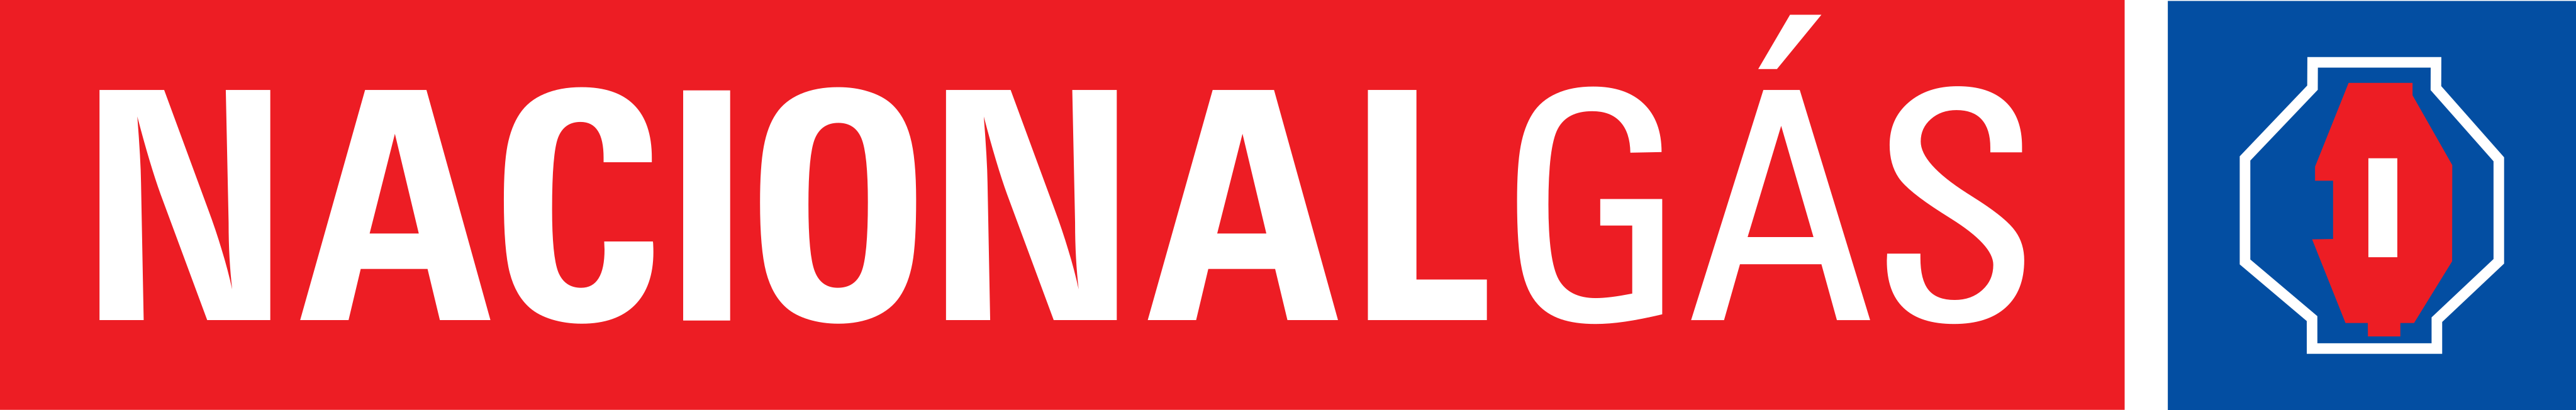 Nacional Gás Logo.